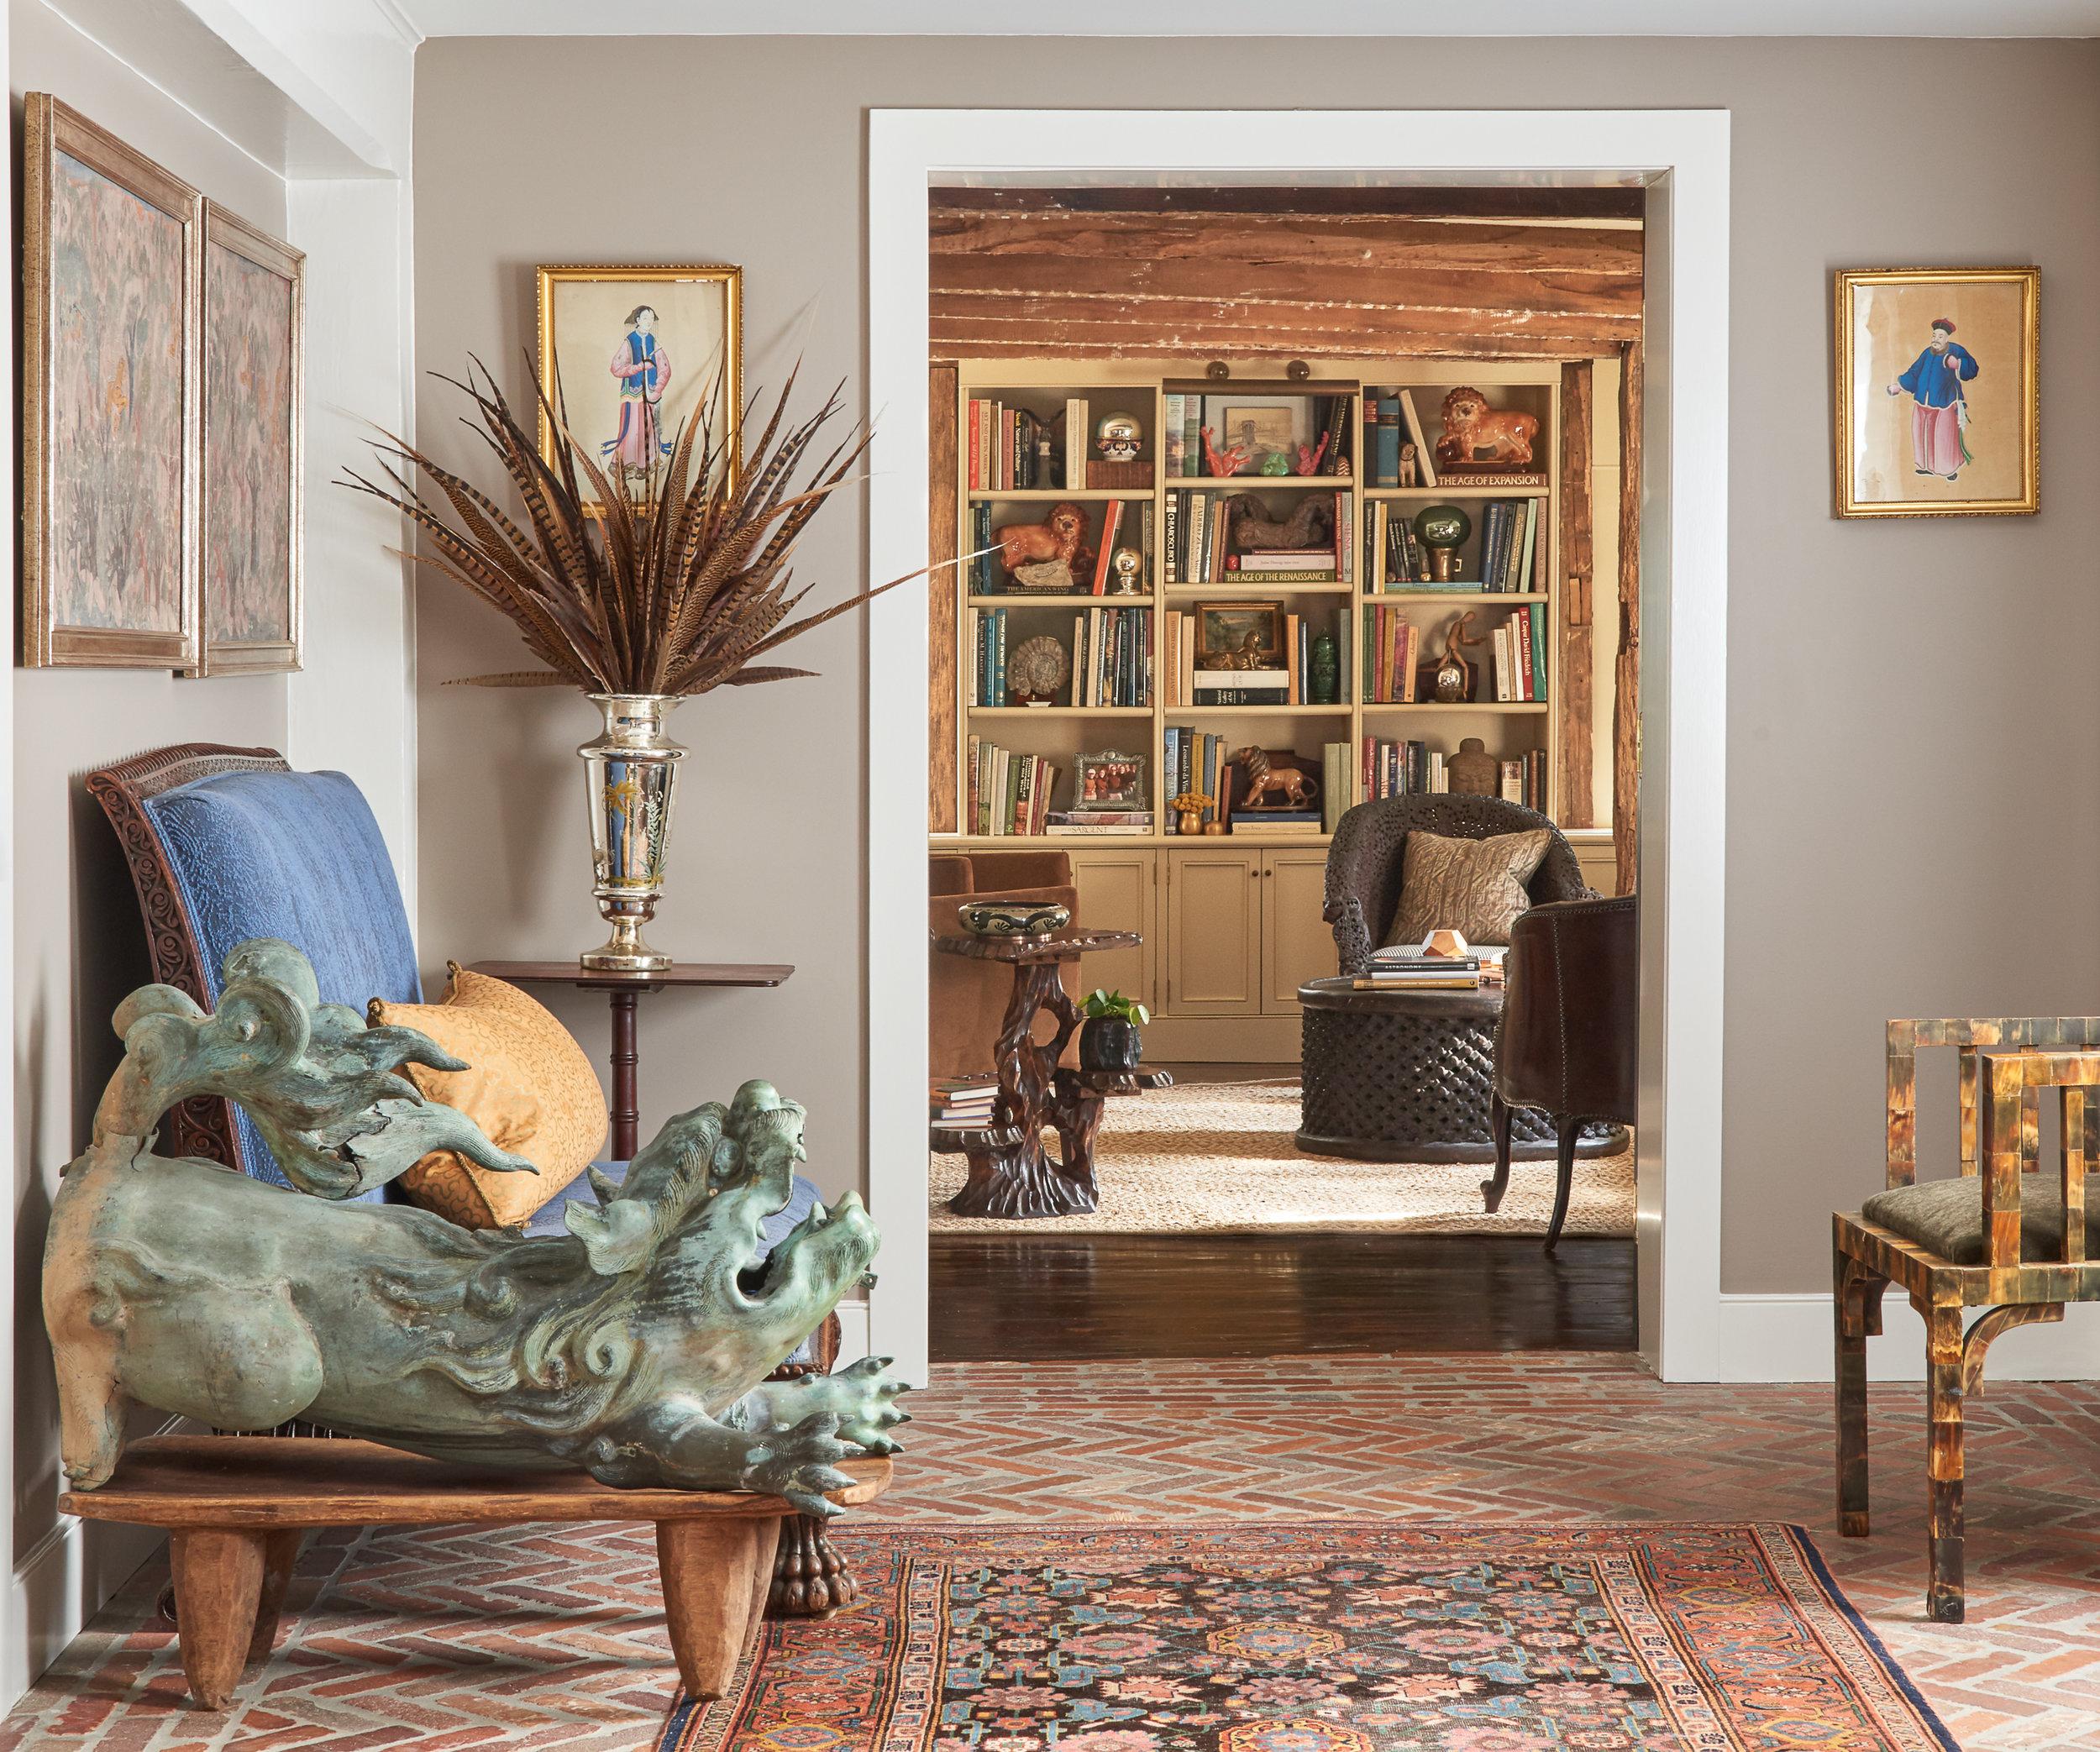 Hilderbrand-Interiors-Silvermine-Antique-©Jane Beiles-1802280945.jpg